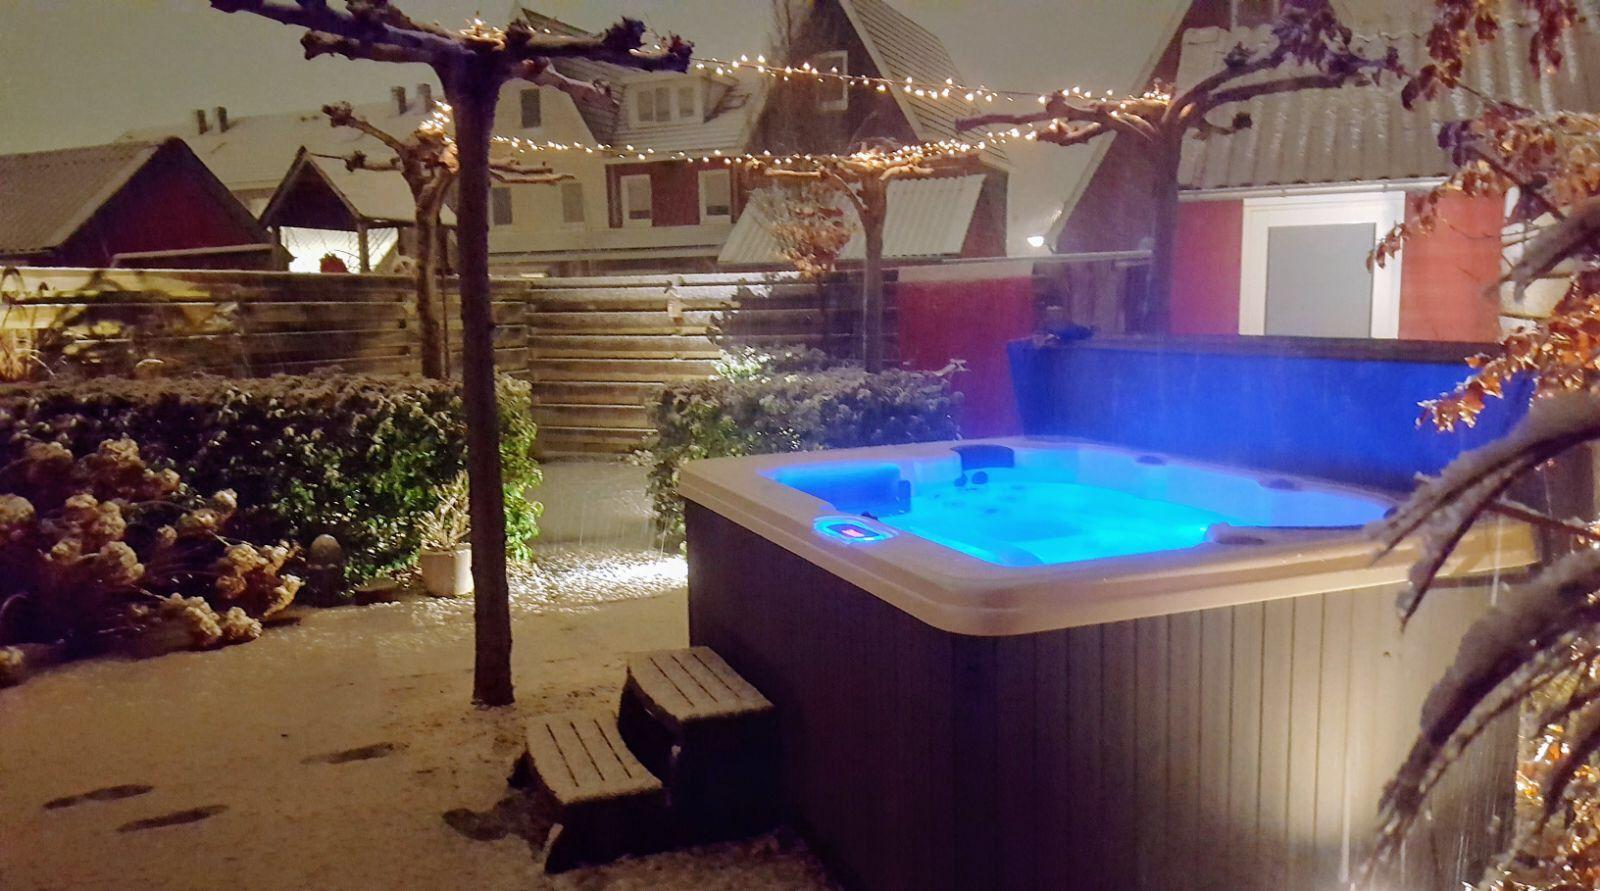 Compleet relaxen in een jacuzzi #jacuzzi #massage #tuin